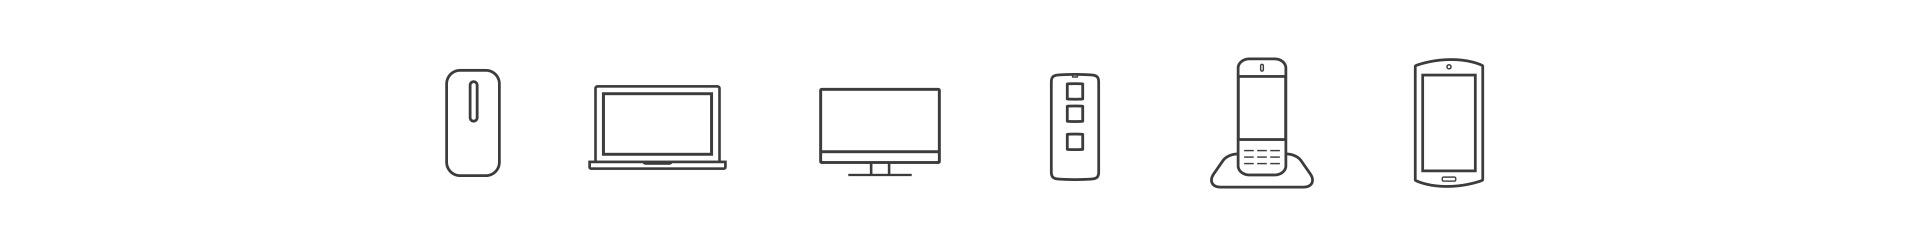 Oticon Xceed Play подключается по беспроводной сети к современным смартфонам